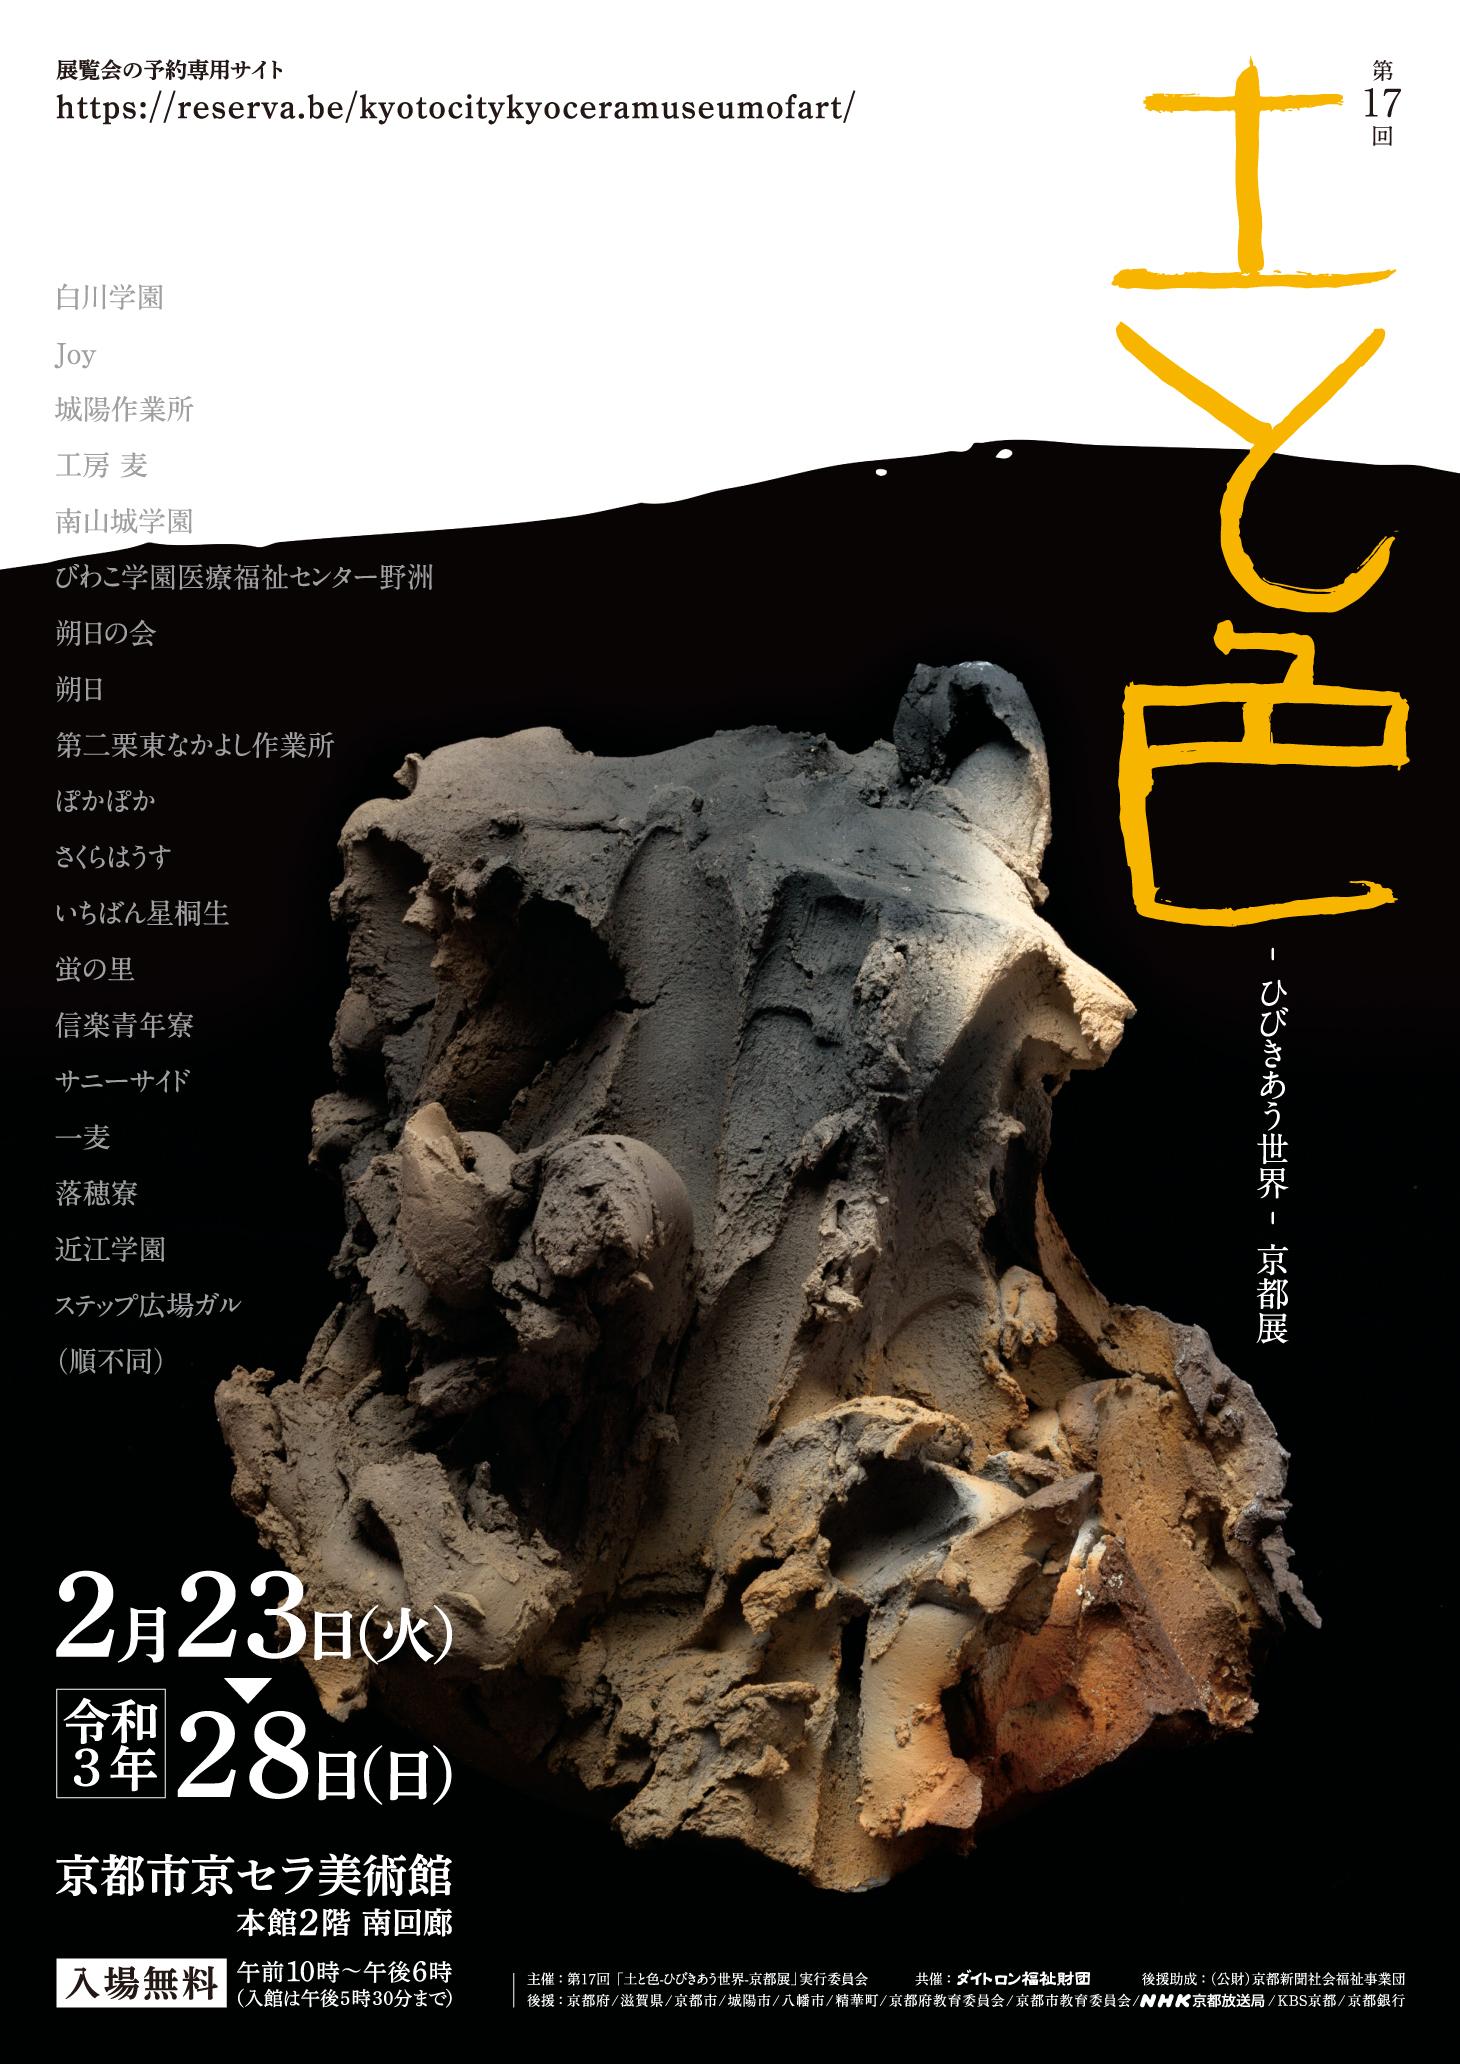 京都市京セラ美術館にて、展覧会のお知らせ